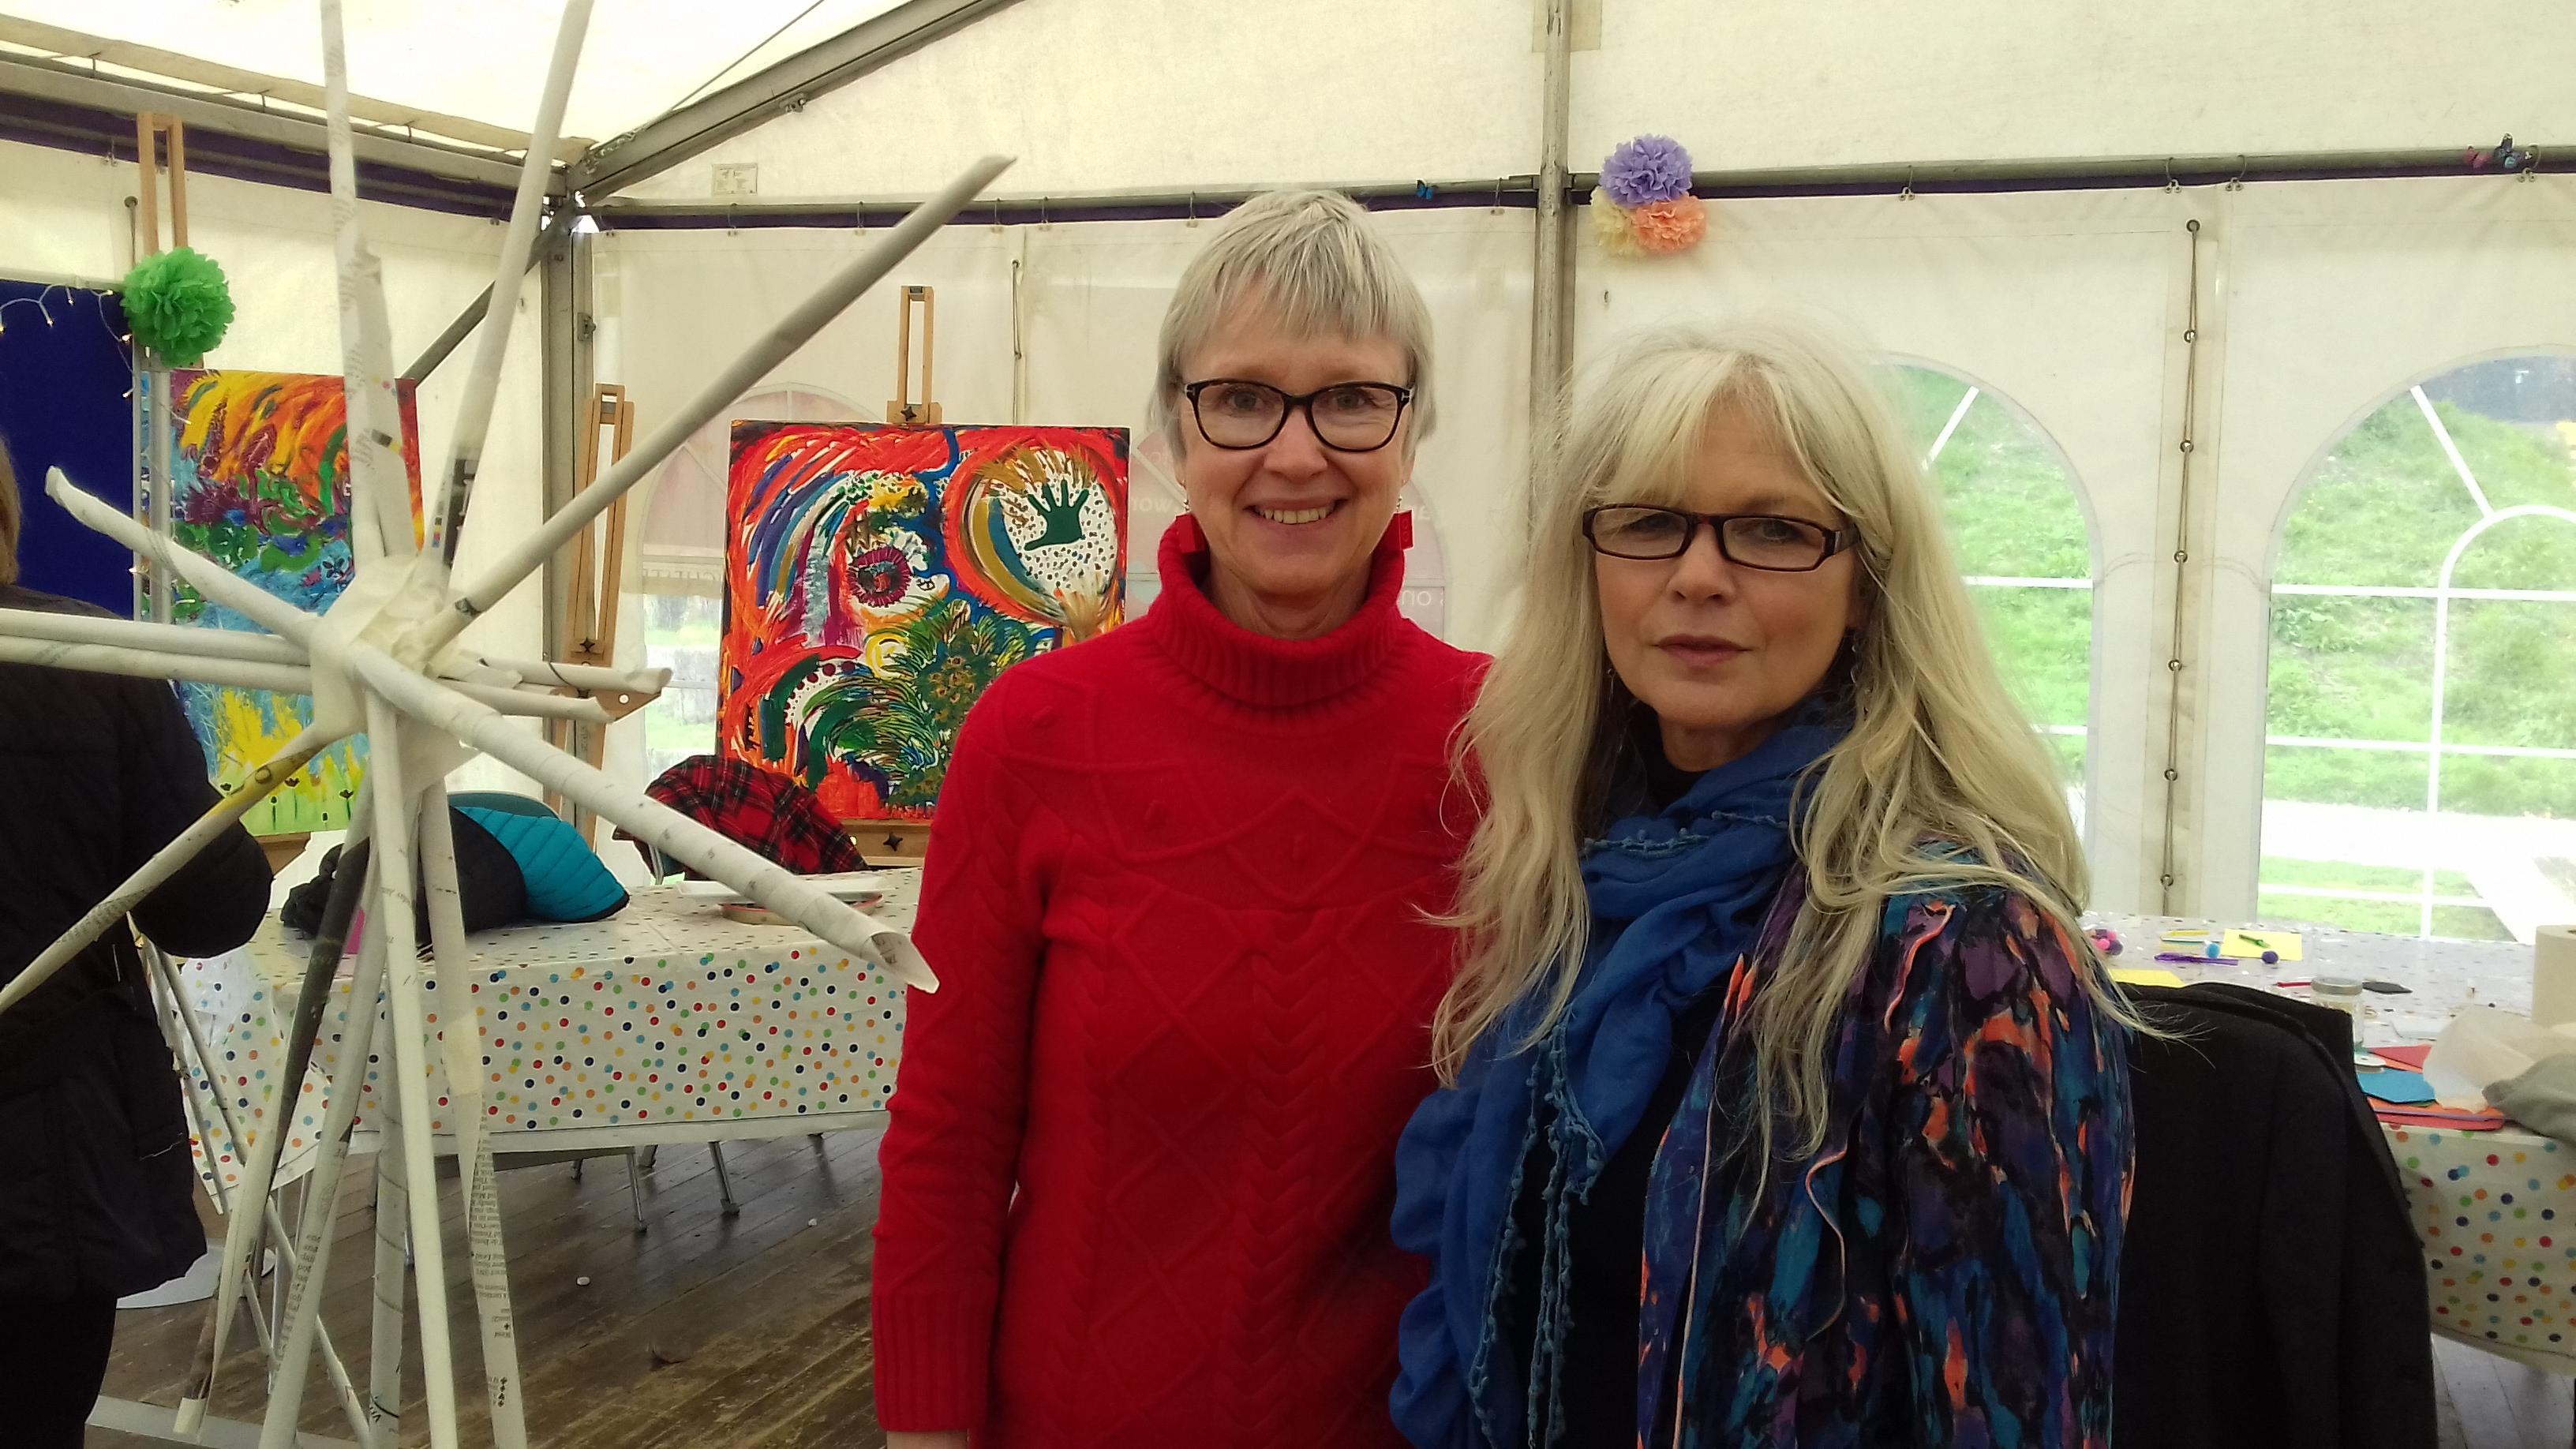 Alison James and Tina Newman